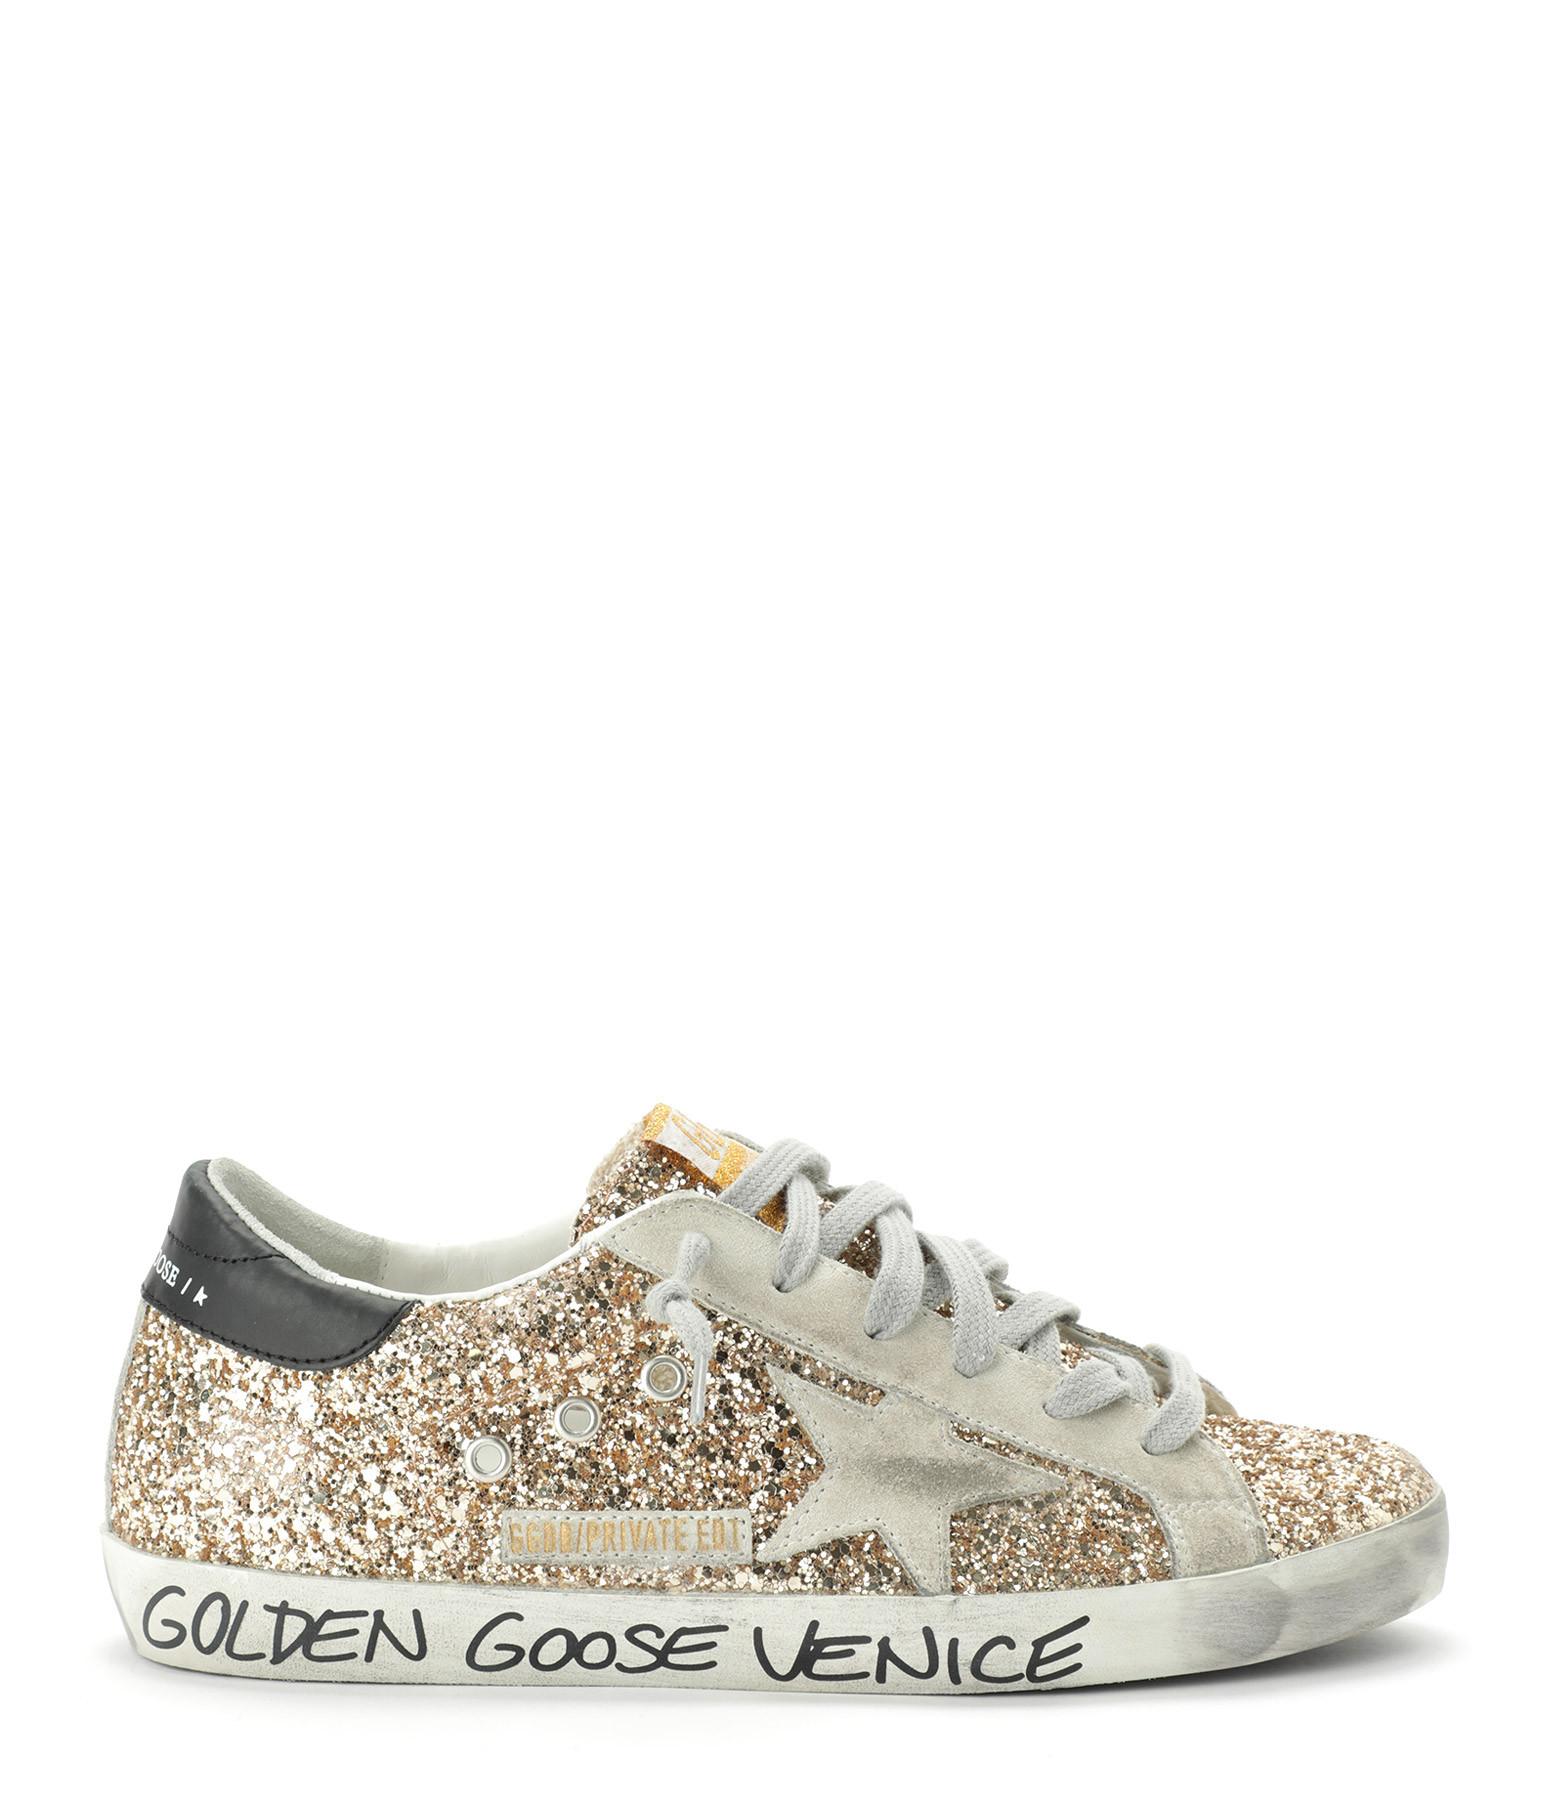 GOLDEN GOOSE - Baskets Superstar Cuir Glitter Signature Doré, Exclusivité Lulli